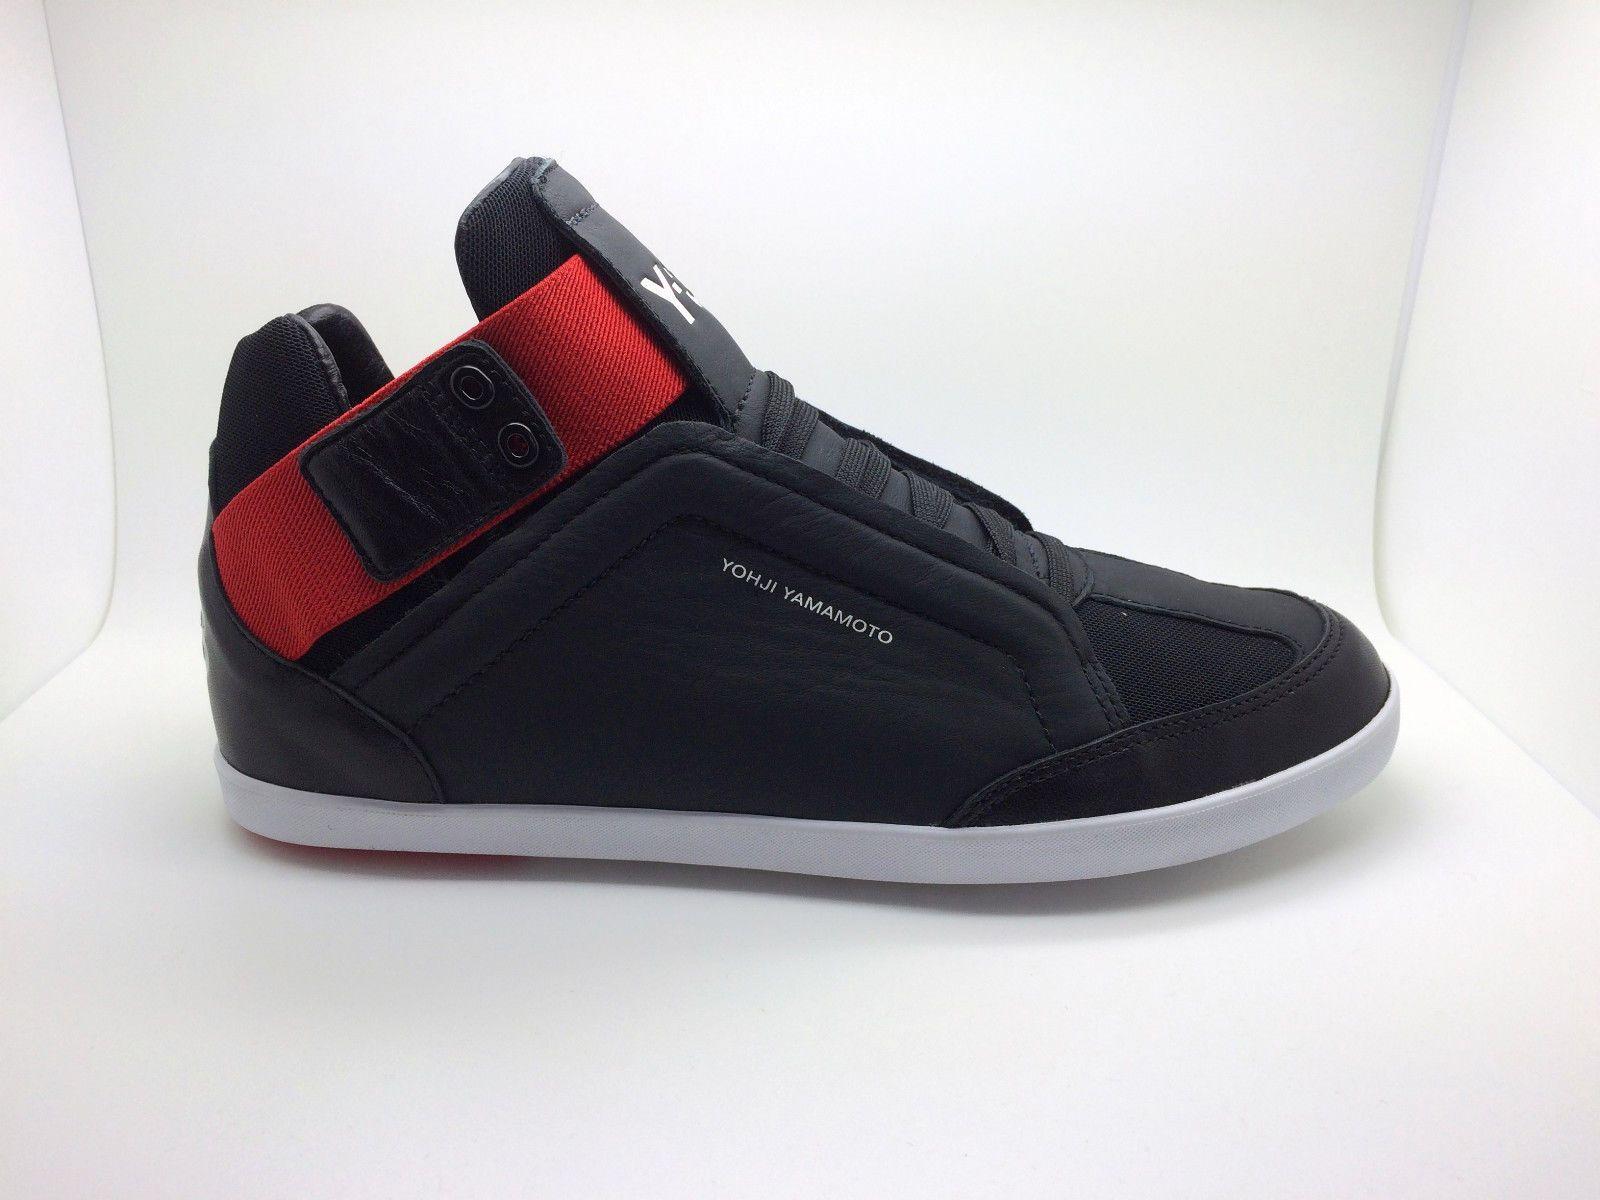 Y-3 Yamamoto Sneakers Rival Iii Comprar En Línea Nueva CnVdIU